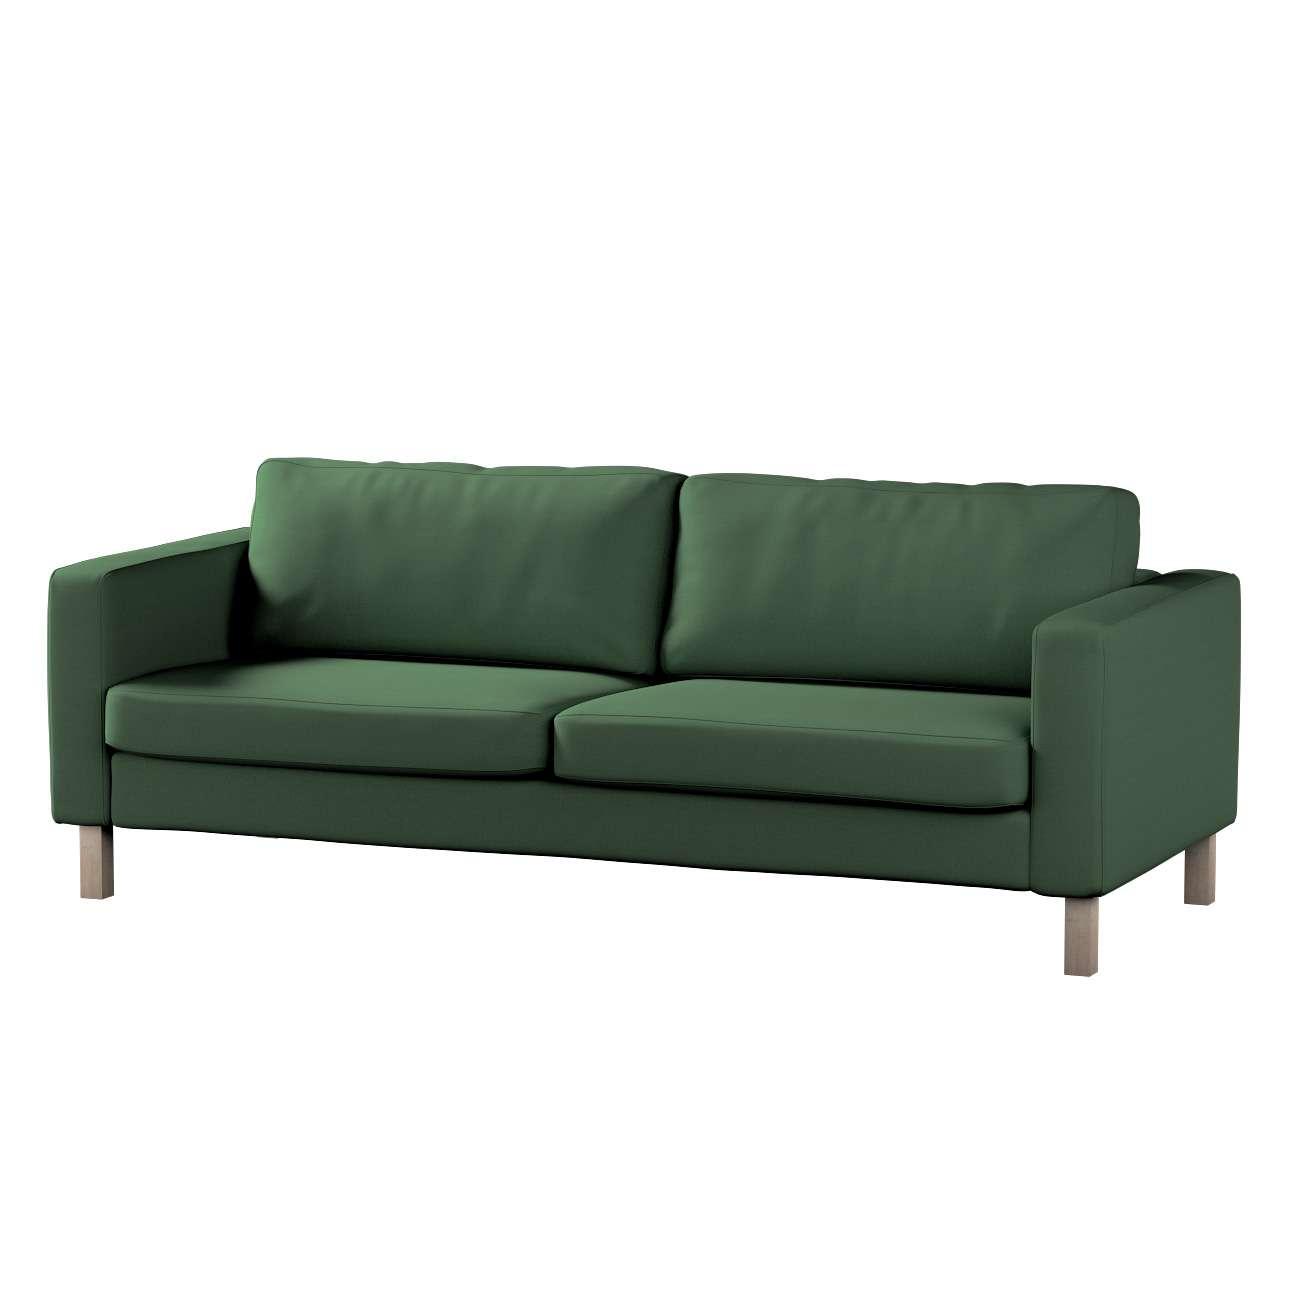 KARSLTAD trvivietės sofos užvalkalas Karlstad 3-vietės sofos užvalkalas (neišlankstomai sofai) kolekcijoje Cotton Panama, audinys: 702-06